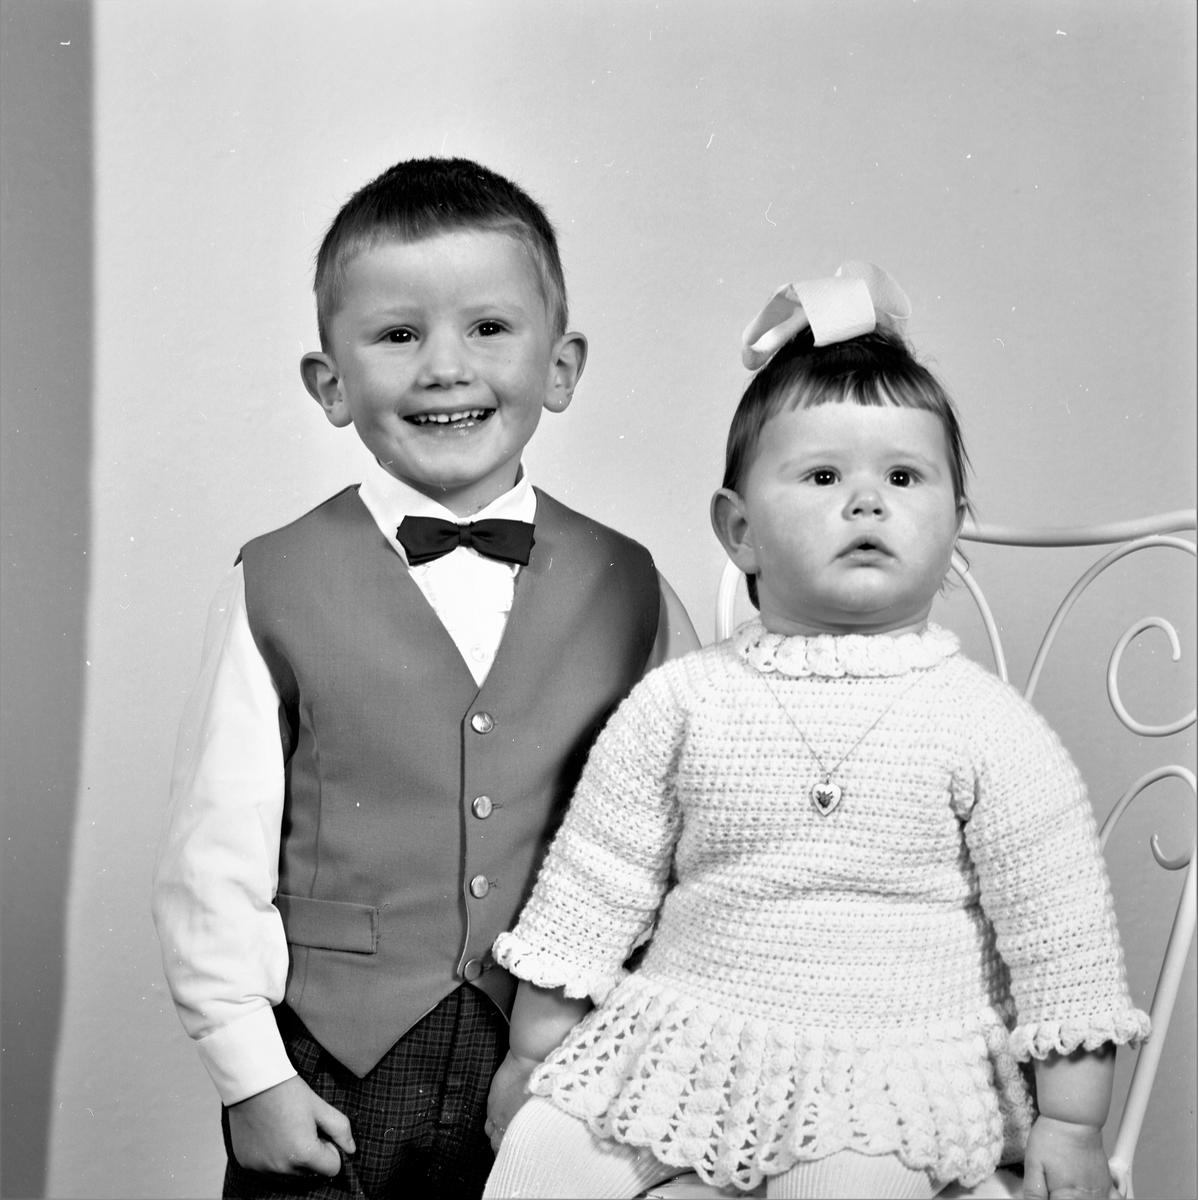 Portrett. Familiegruppe på to. Ung gutt og ung pike. Bestilt av Einar Tveit. Skjold